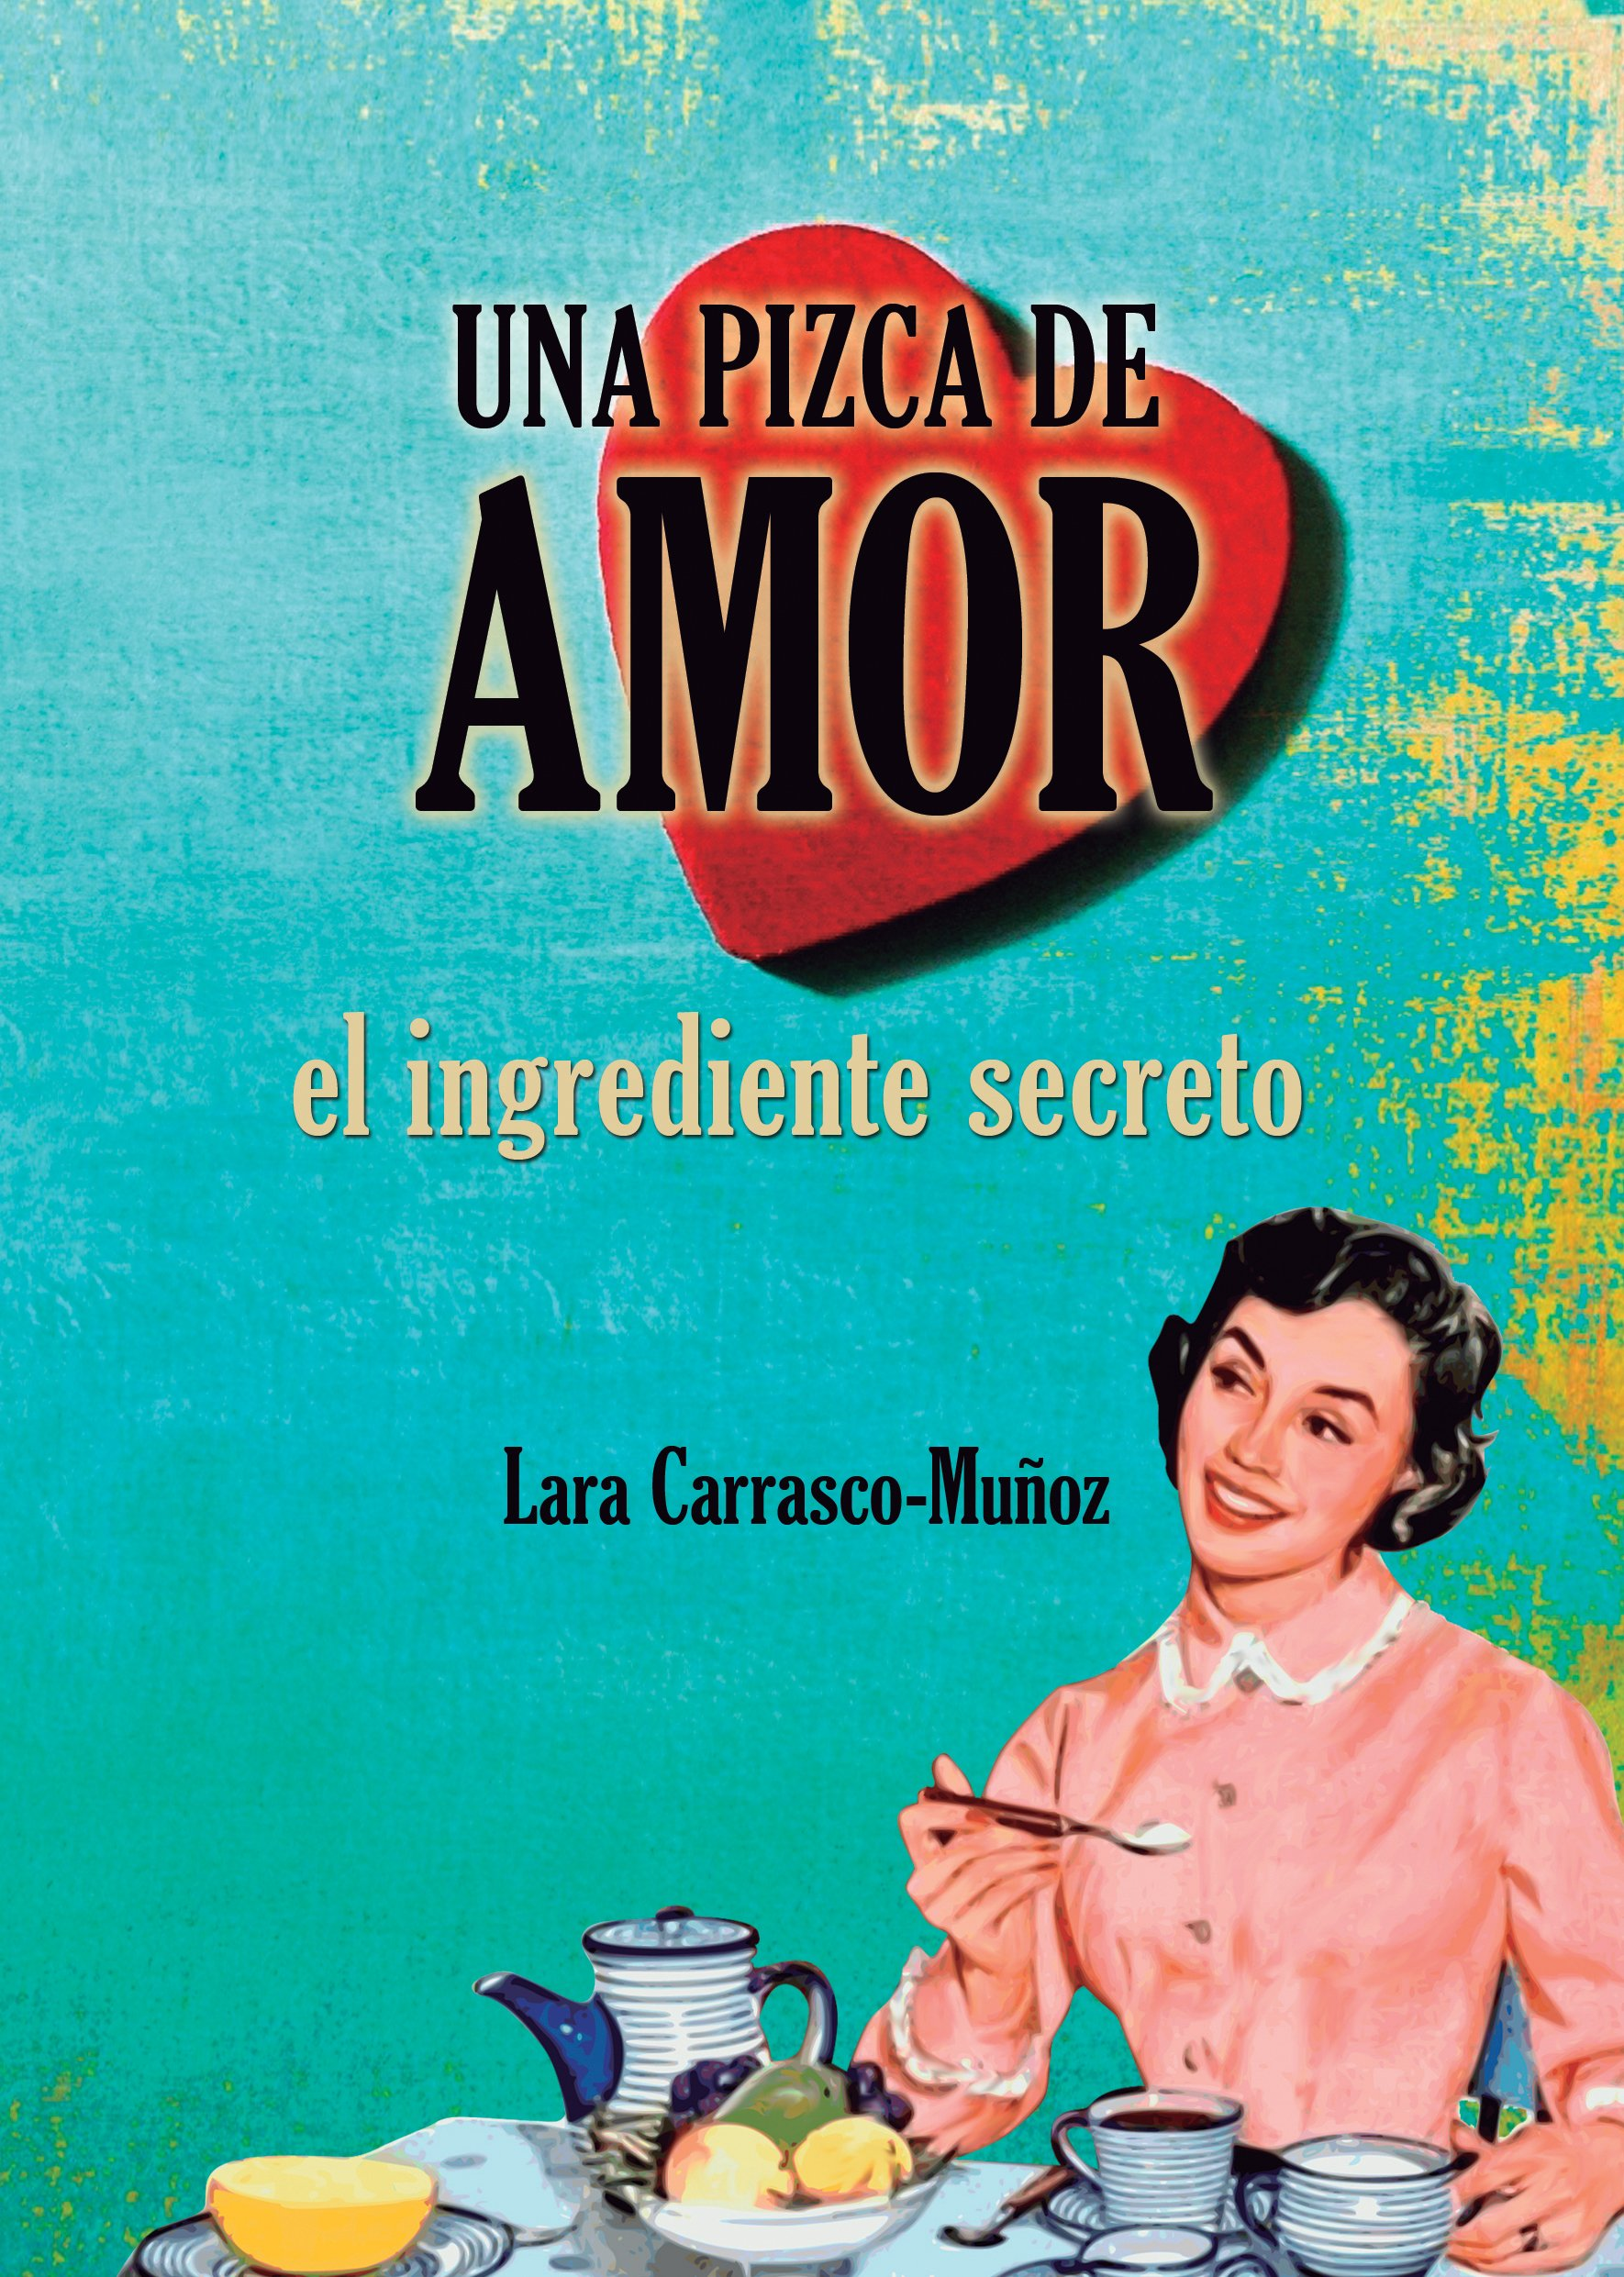 UNA PIZCA DE AMOR. EL INGREDIENTE SECRETO: Amazon.es: Lara Carrasco-Muñoz, Chimpun Ediciones: Libros